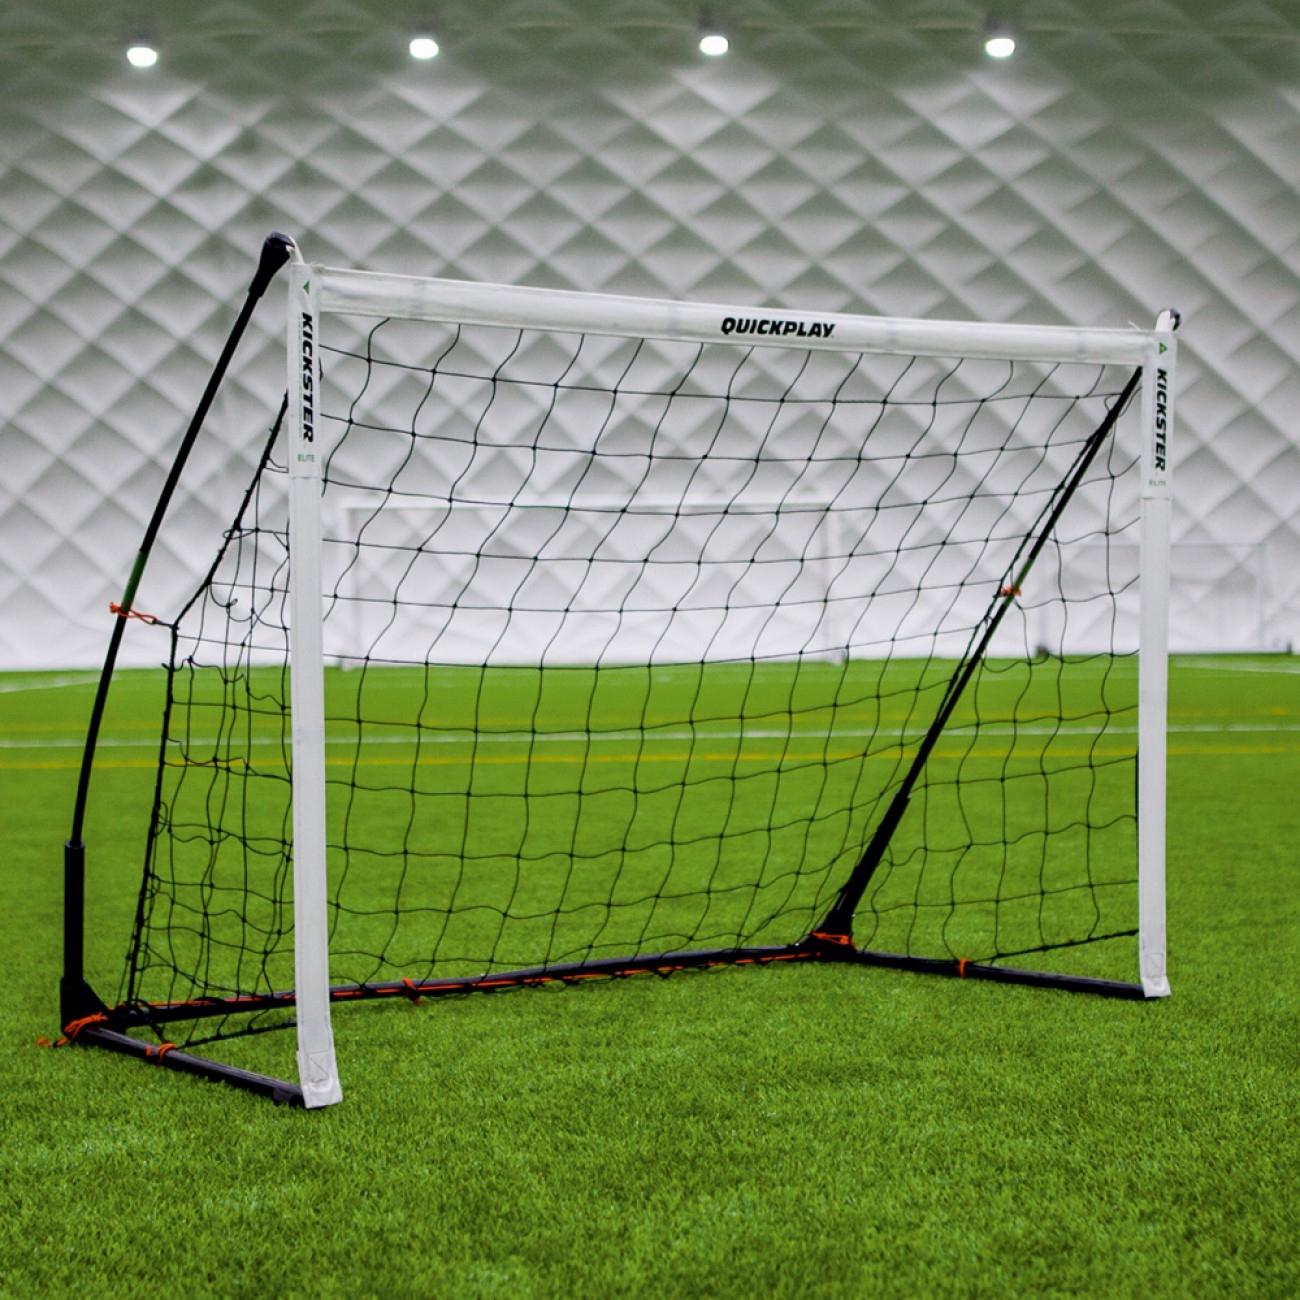 Cages De Foot : Comment Les Utilisés Pour Faire Du Sport ... intérieur Goal De Foot Pour Jardin